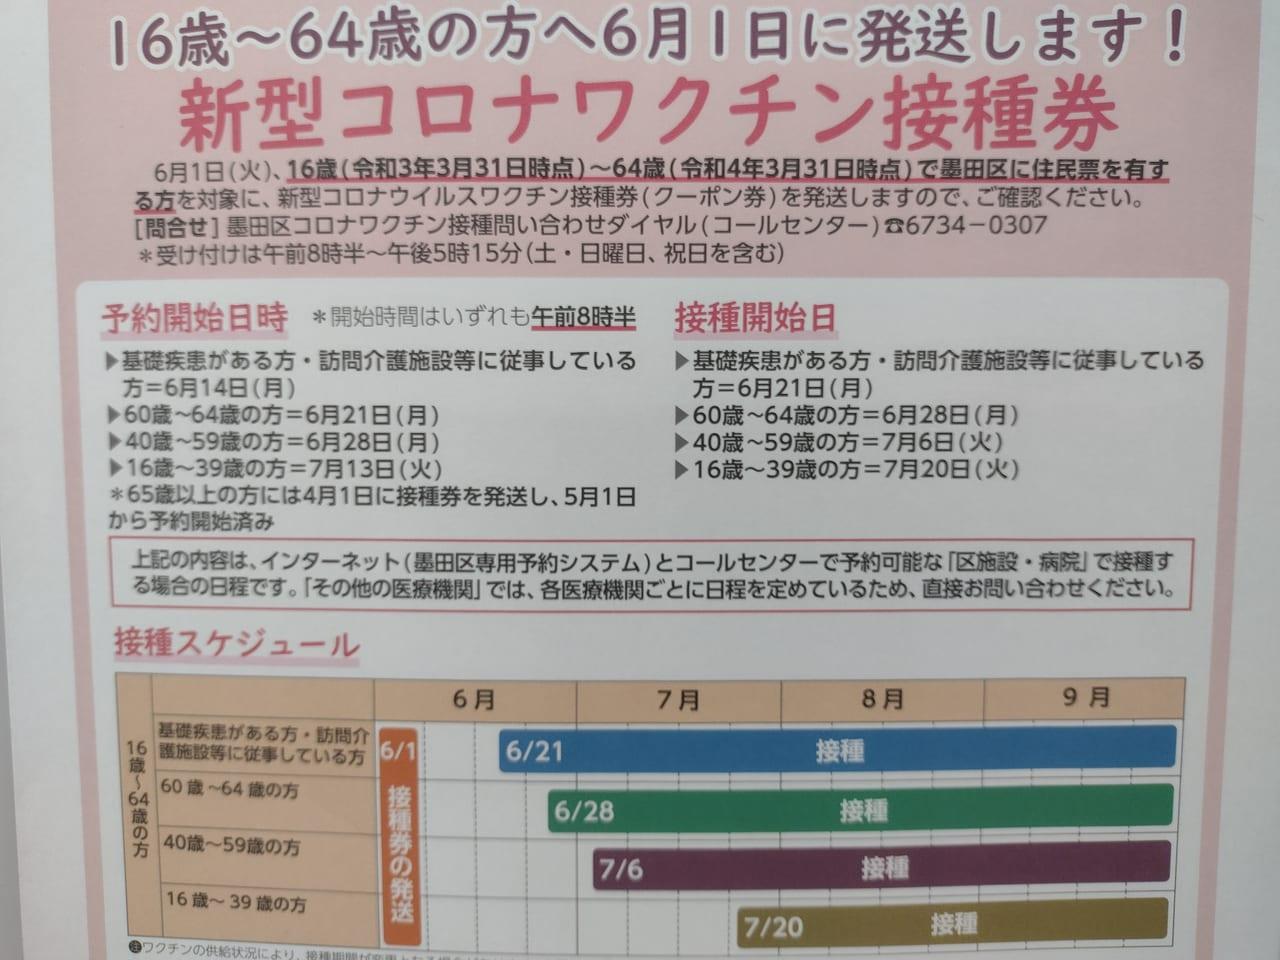 コロナ 速報 弘前 【弘前】新型コロナウイルス関連情報/青森県内における新規陽性者13人、累計2406人(6月4日20時更新)